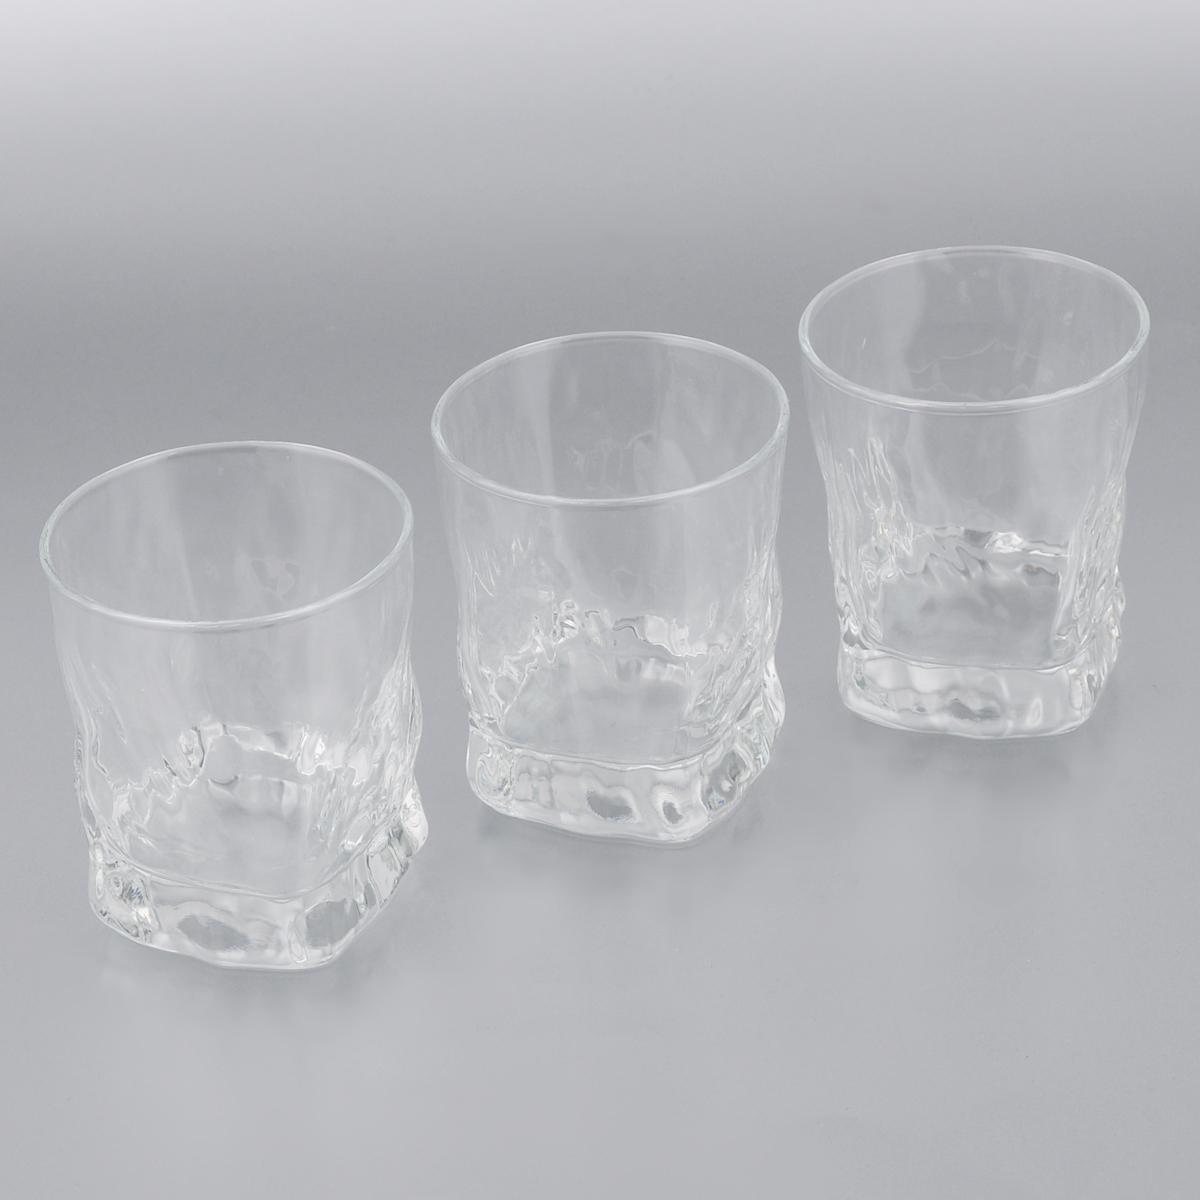 Набор стаканов Luminarc Icy, 300 мл, 3 шт